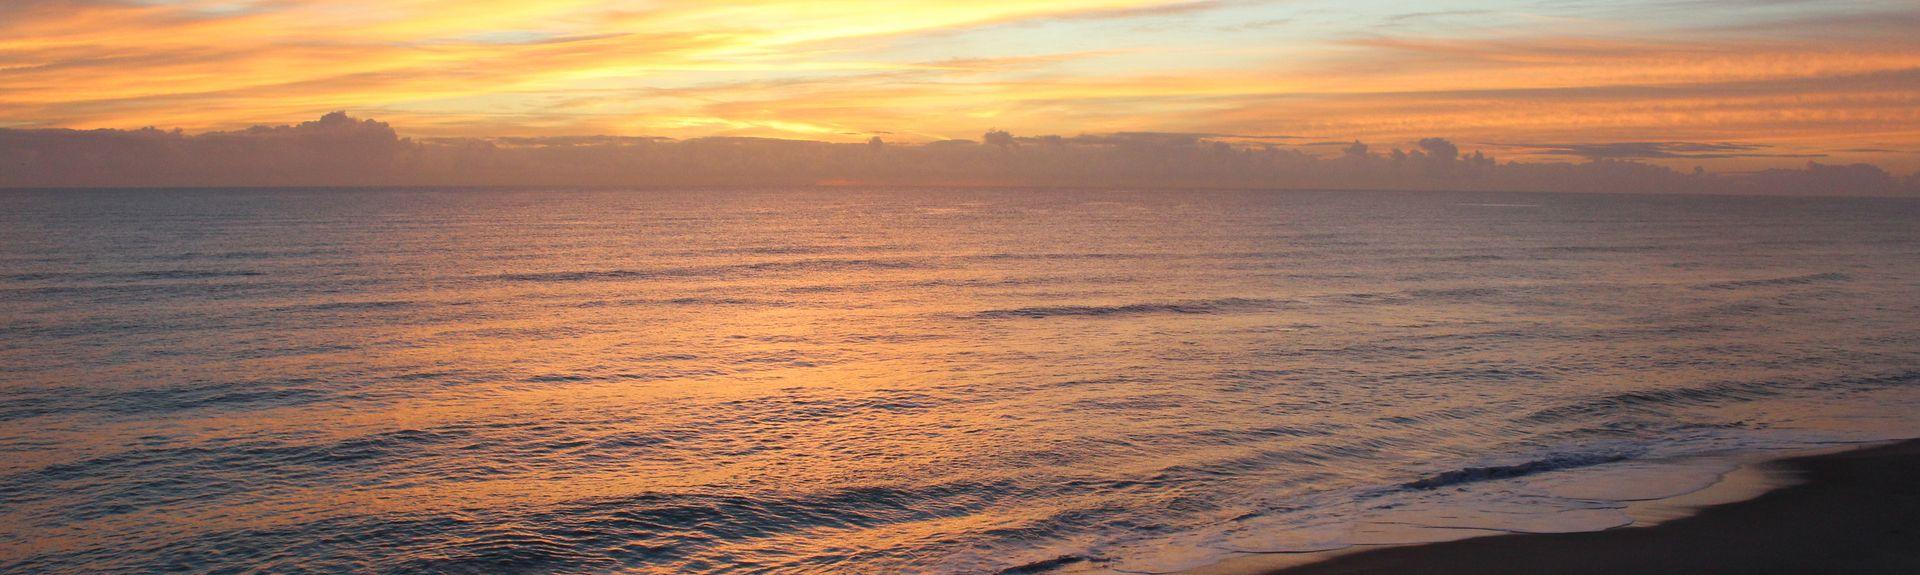 Paradise Beach Club, Satellite Beach, FL, USA